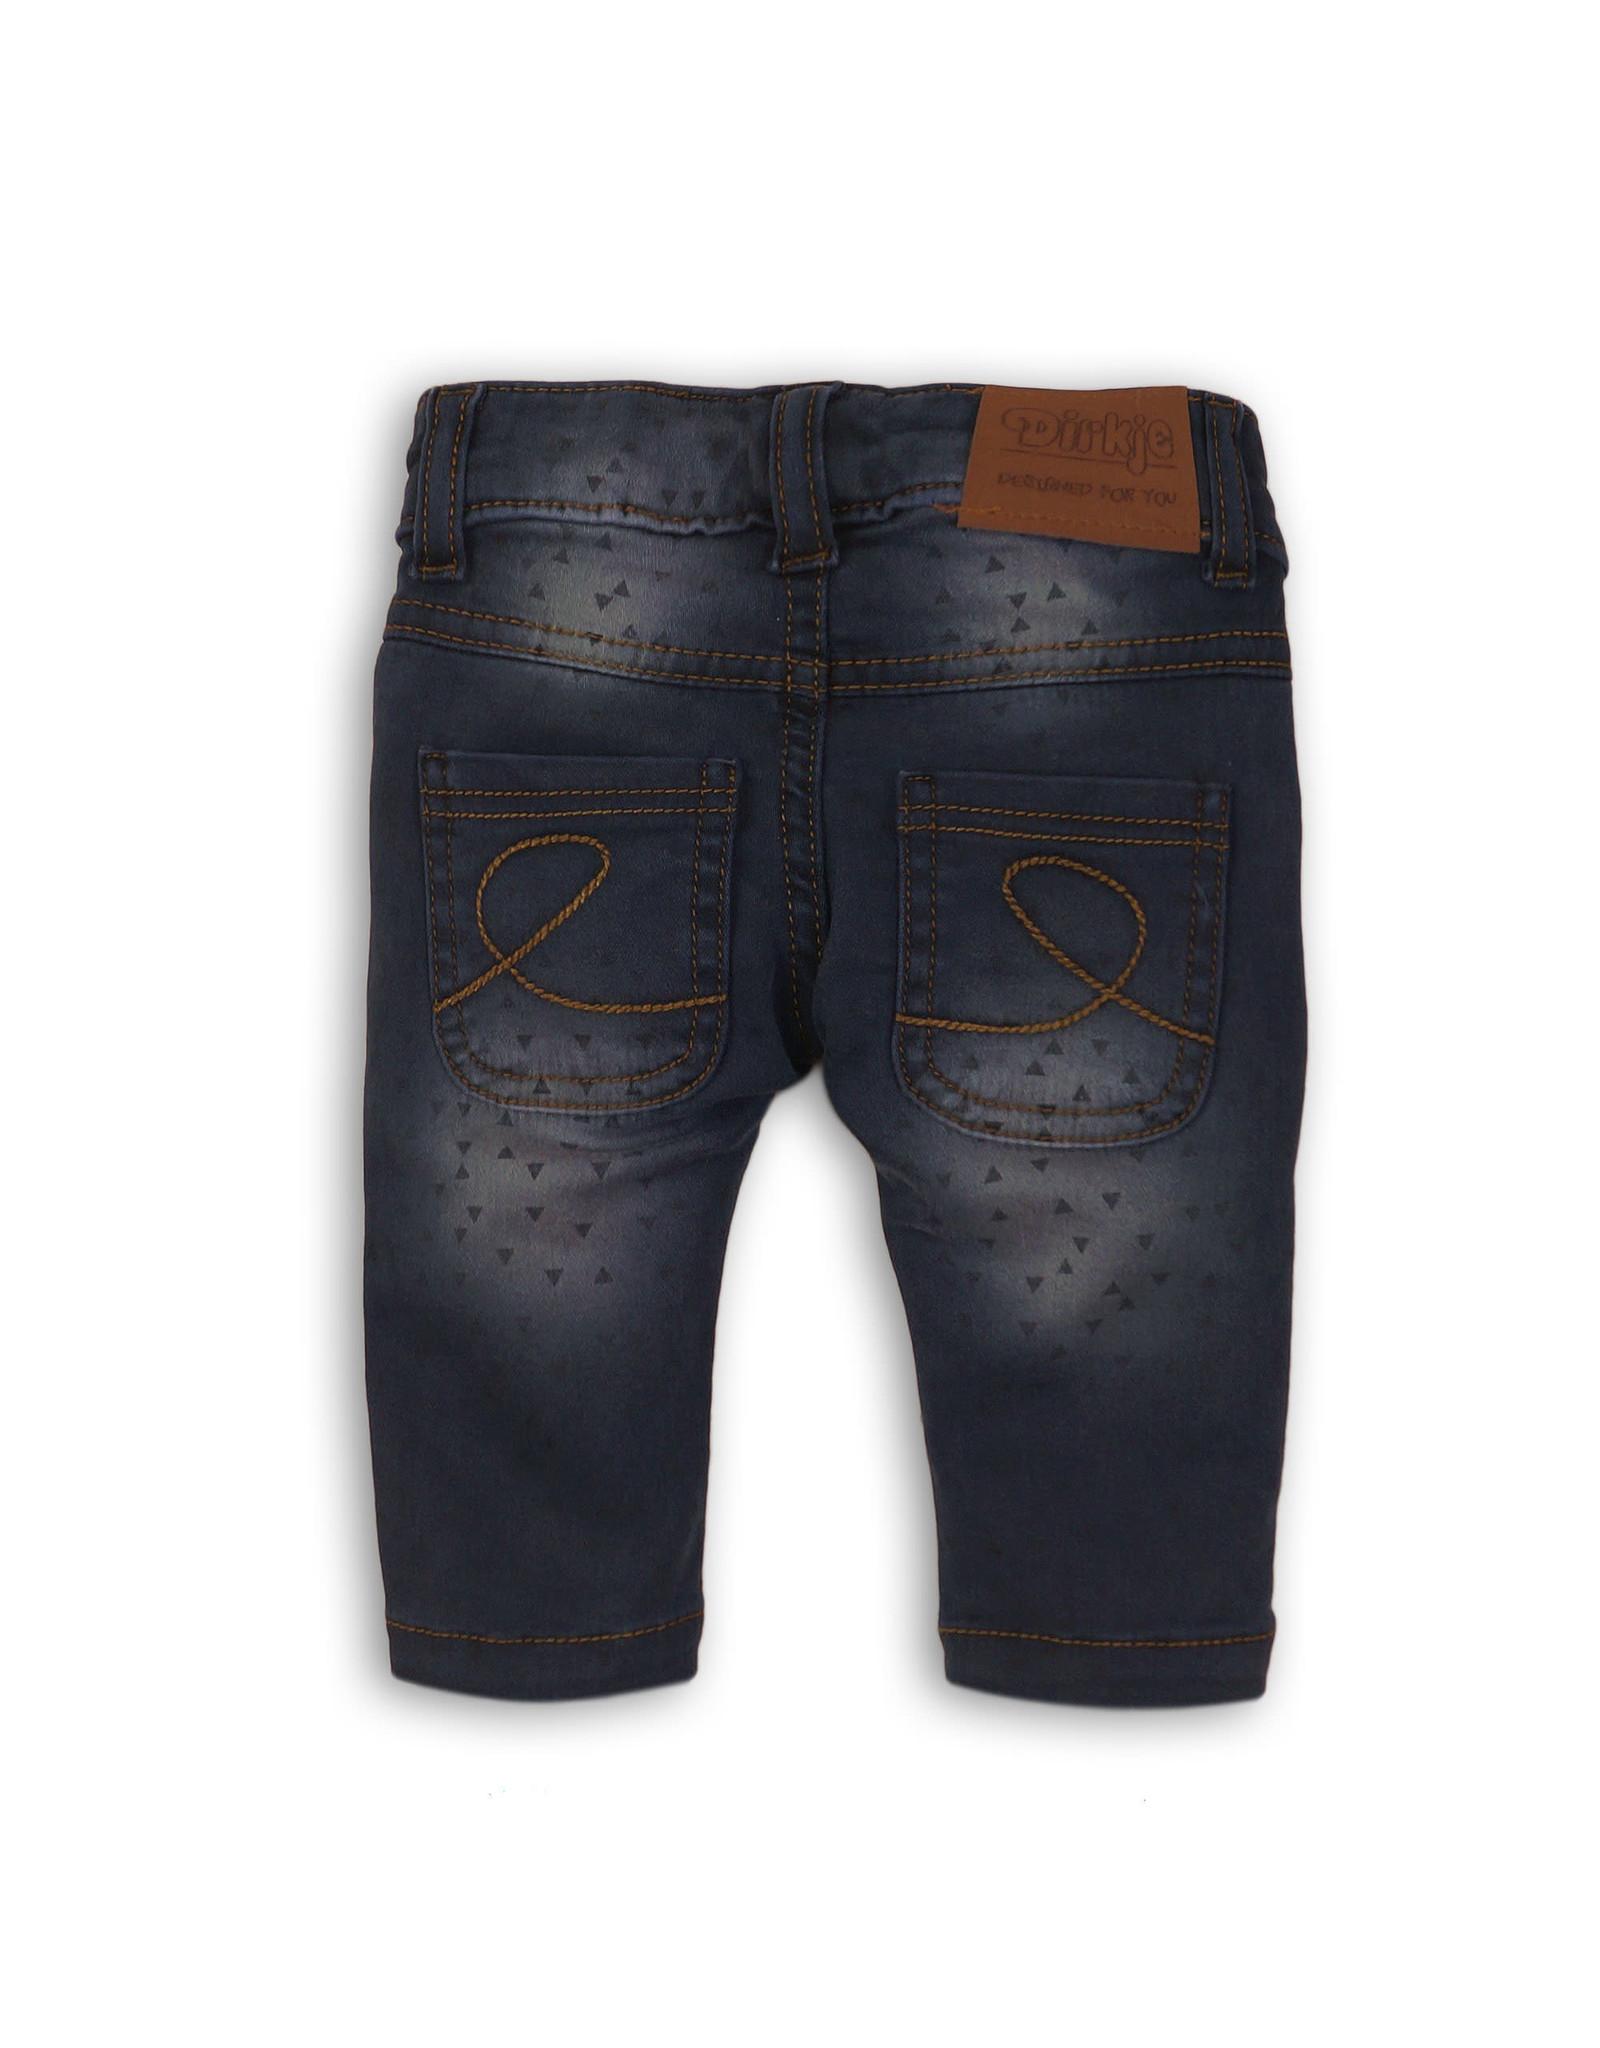 Dirkje Dirkje meisjes jeans  HUGS AND CUDDLES